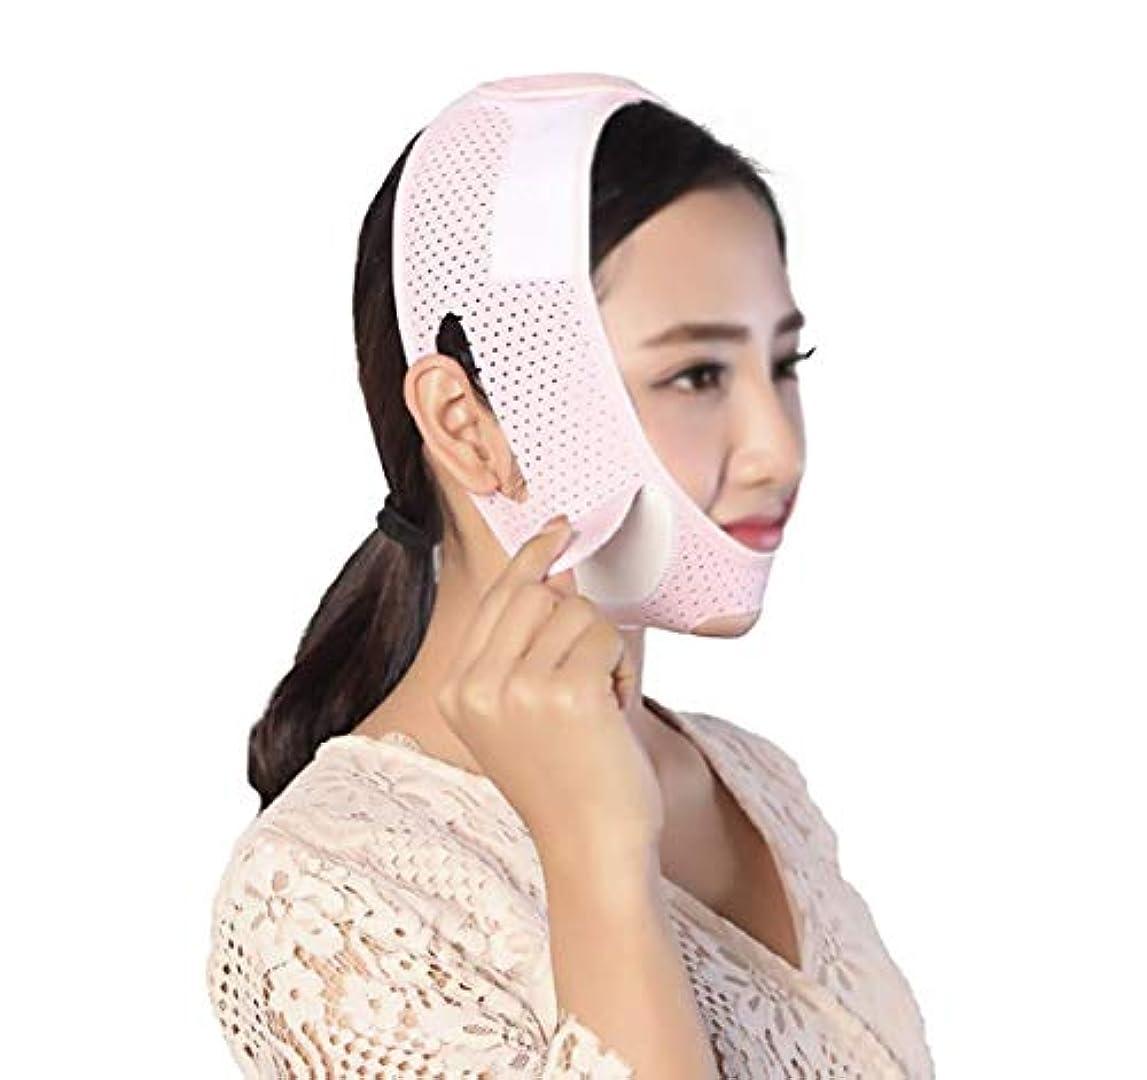 刈る装置通信網薄い顔アーティファクト包帯持ち上がる引き締め小さなvフェイスペースト埋め込みに二重あご判決パターン男性と女性睡眠マスクピンク